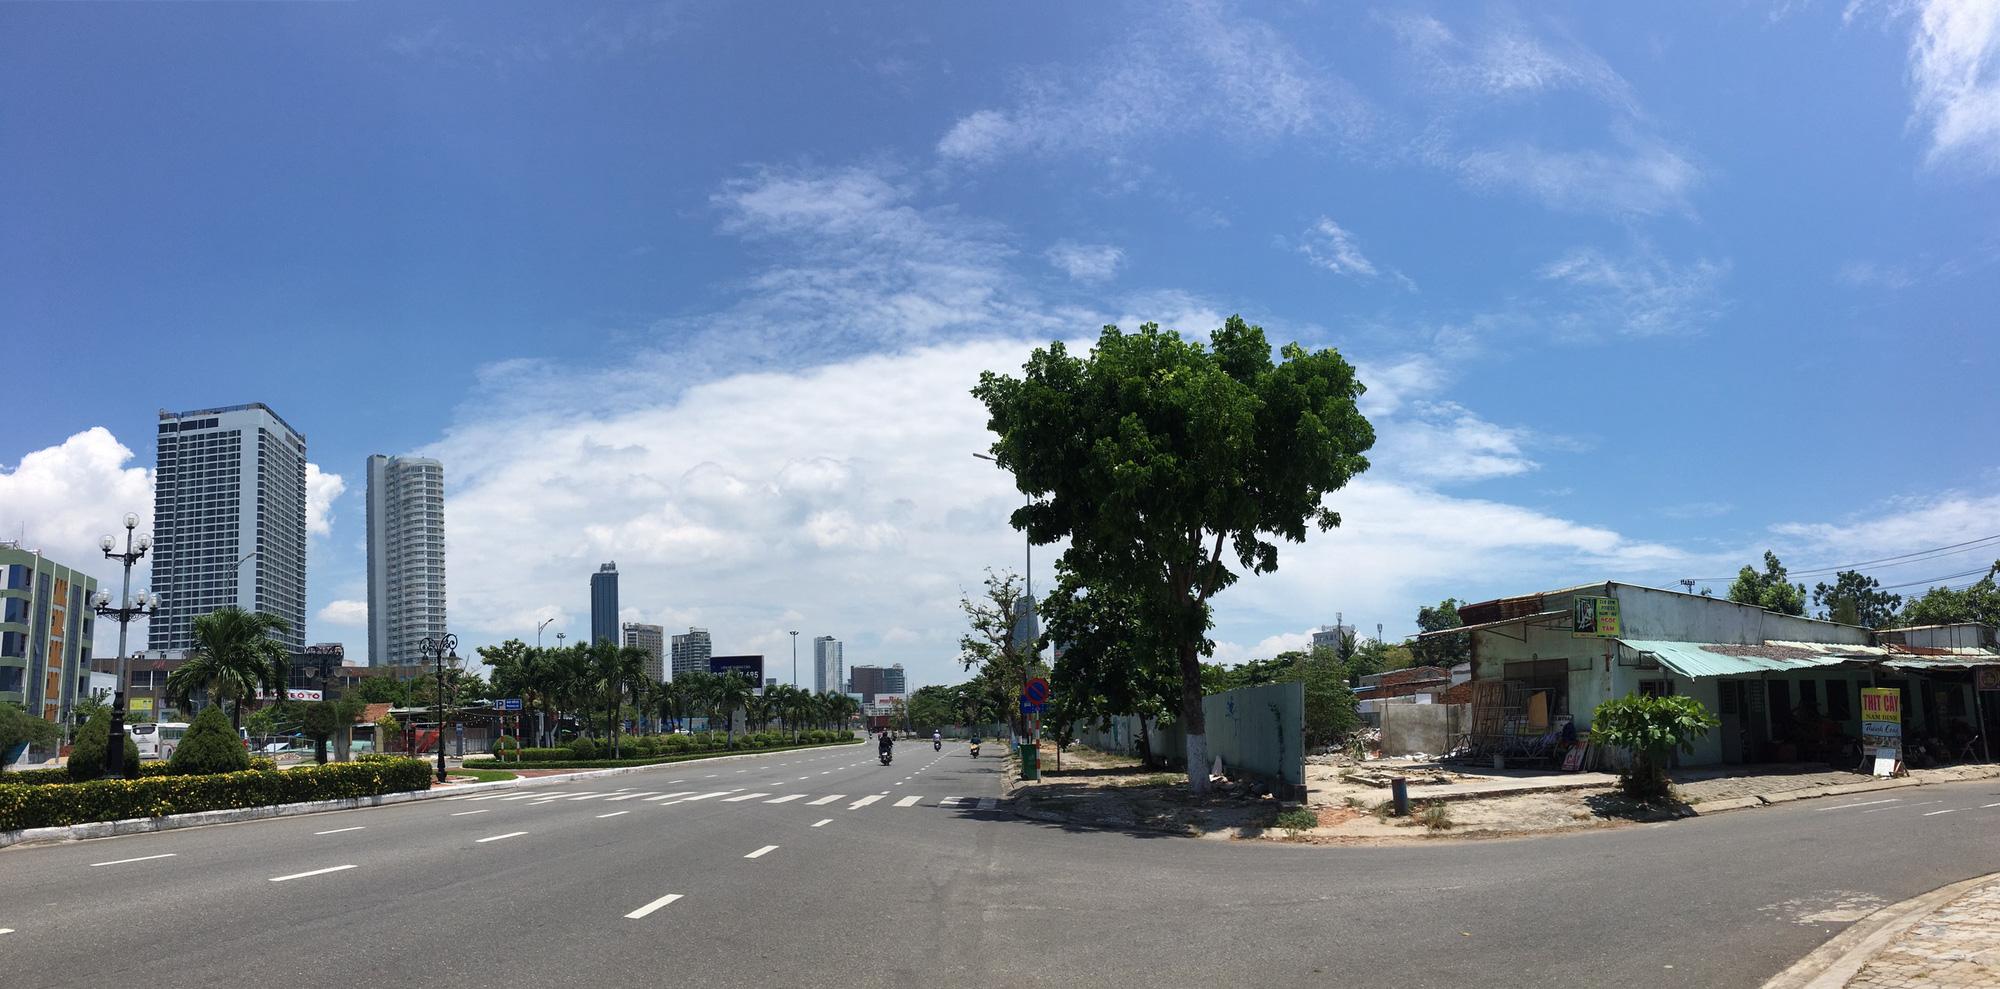 Cận cảnh khu đất gần sông Hàn có thể xây dựng cao 40 tầng được Đà Nẵng kêu gọi đầu tư - Ảnh 7.